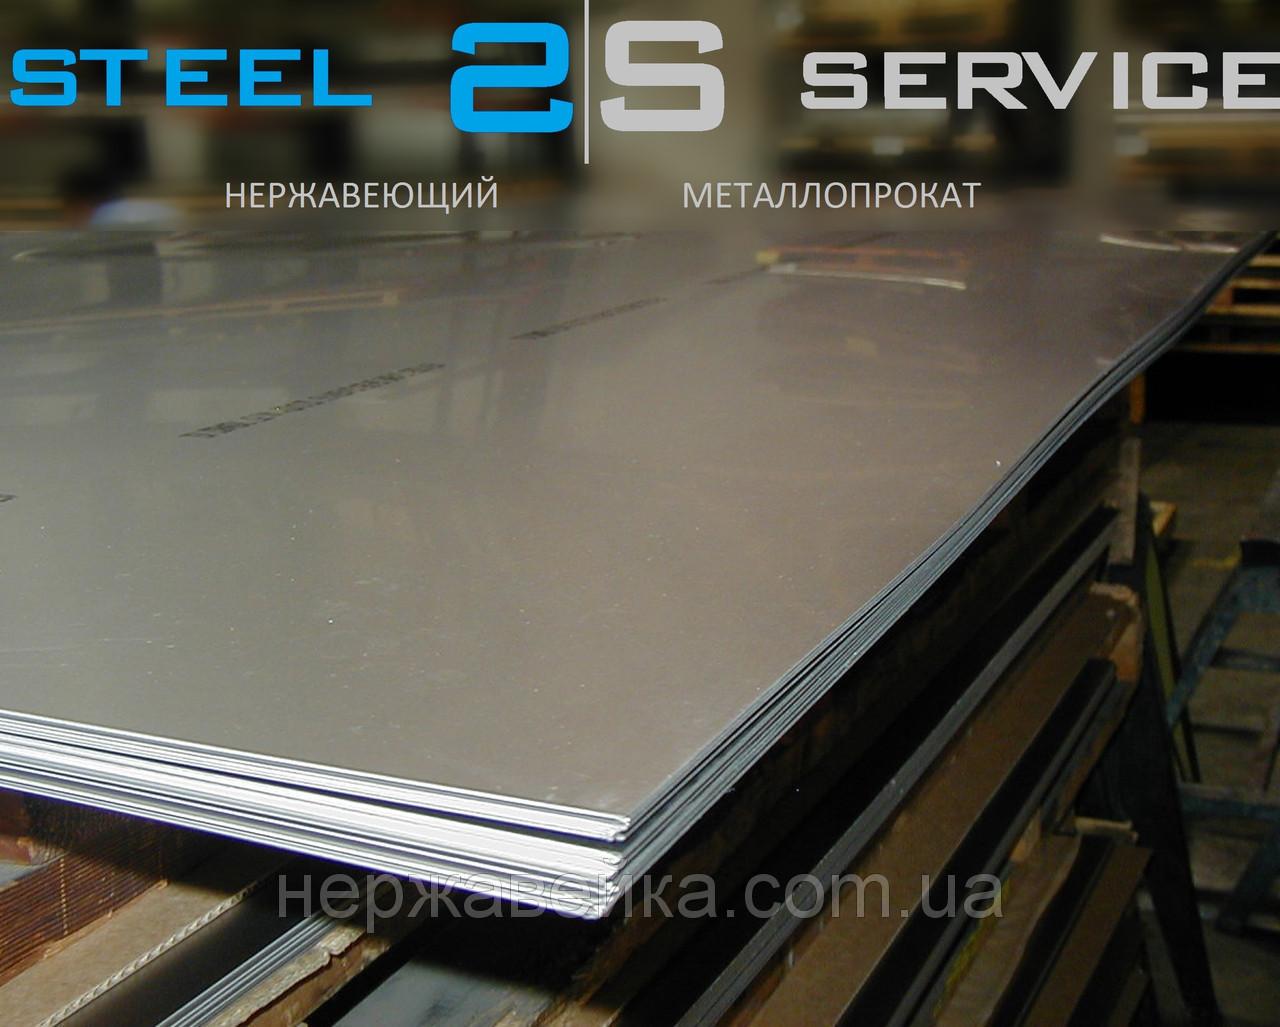 Нержавеющий лист 20х1500х3000мм  AISI 309(20Х23Н13, 20Х20Н14С2) F1 - горячекатанный,  жаропрочный